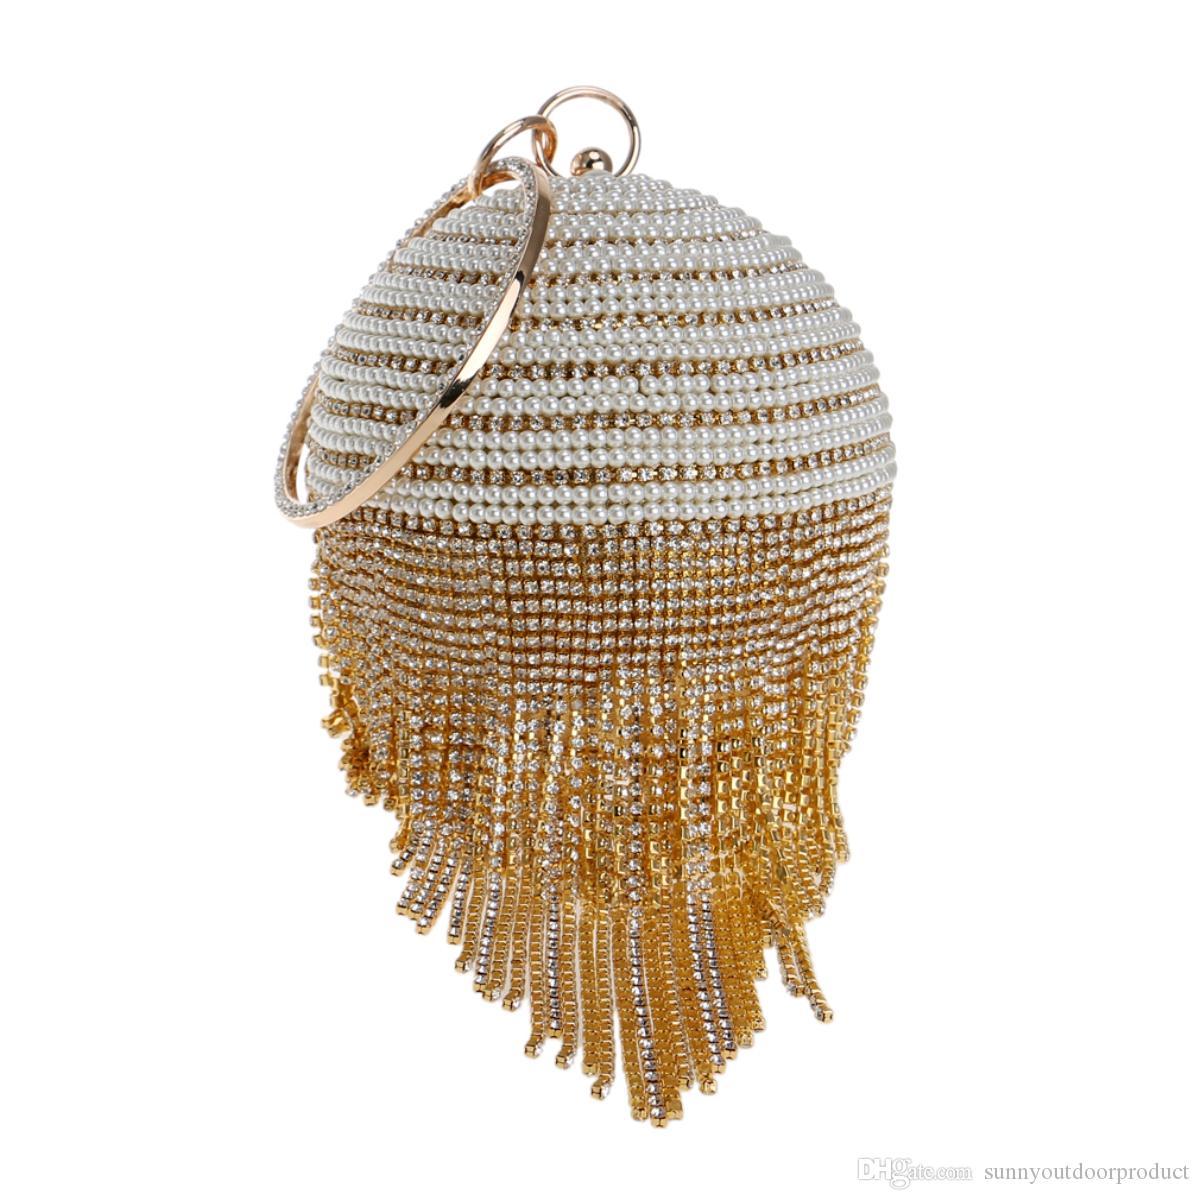 New Fashion Women Circular Rhinestone Diamond Tassel Beaded Evening Bag  Lady Wristlet Clutch Bag Handbag Purse For Wedding Party Dinner Lady  Circular ... 161af26b1f34